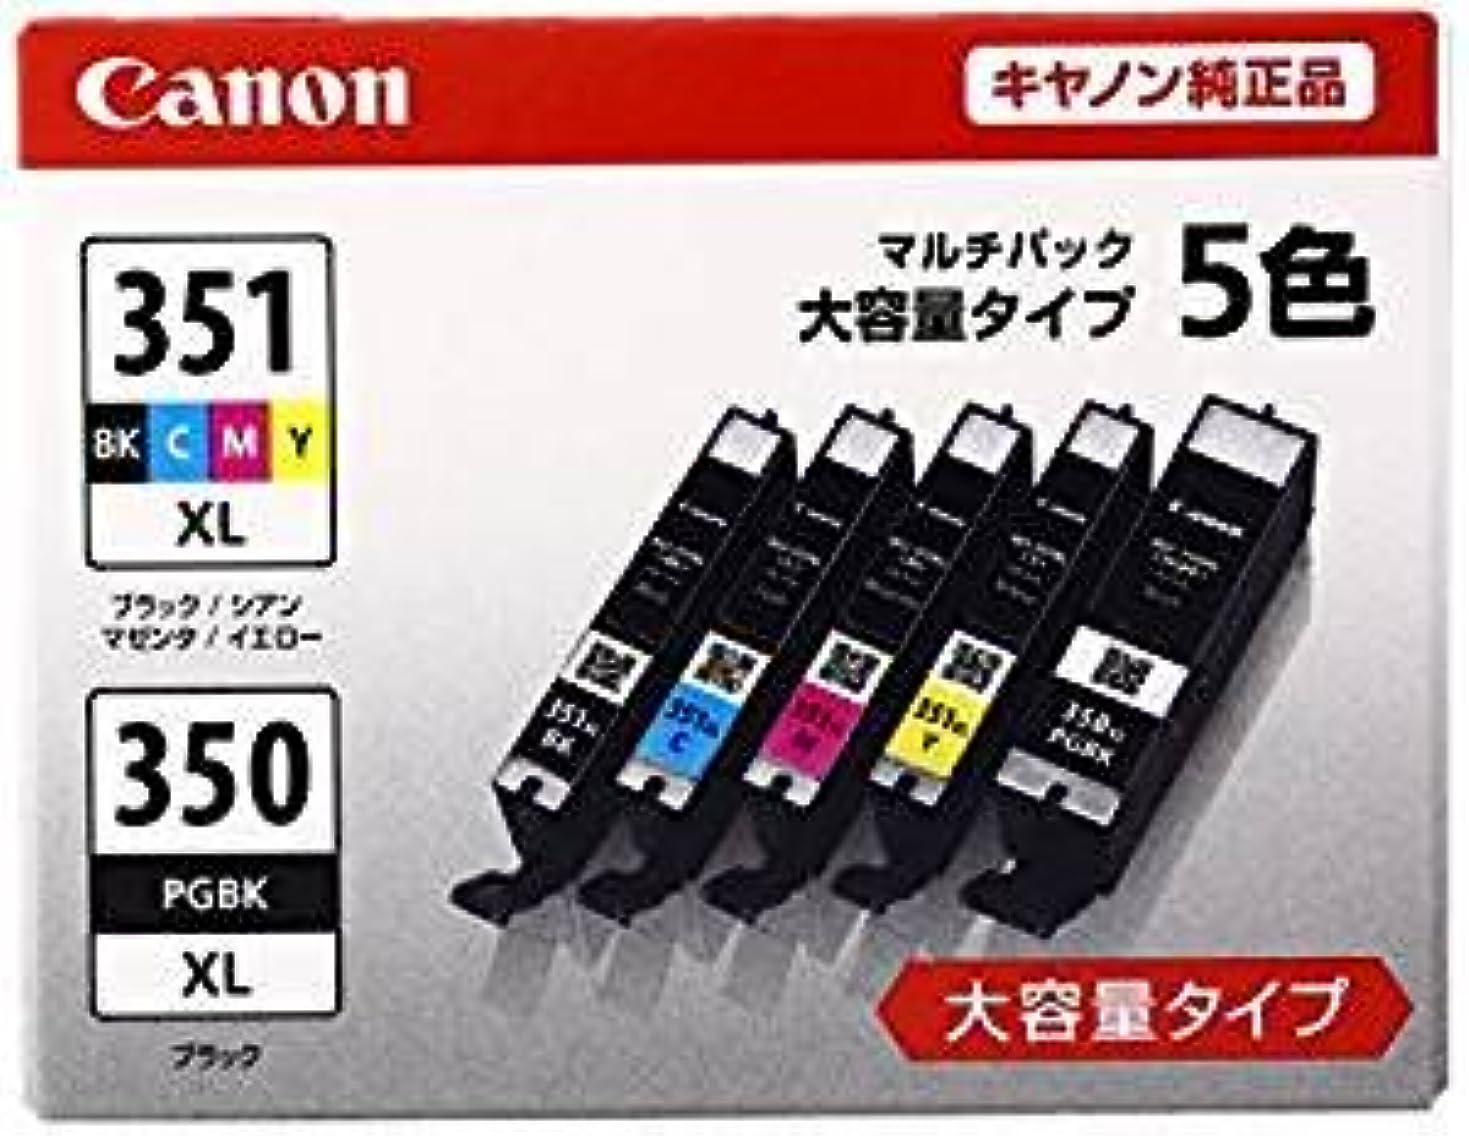 トレーダー研磨色Canon インク カートリッジ 純正 BCI-351(BK/C/M/Y)+BCI-350 5色マルチパック  大容量パック BCI-351+350/5MP